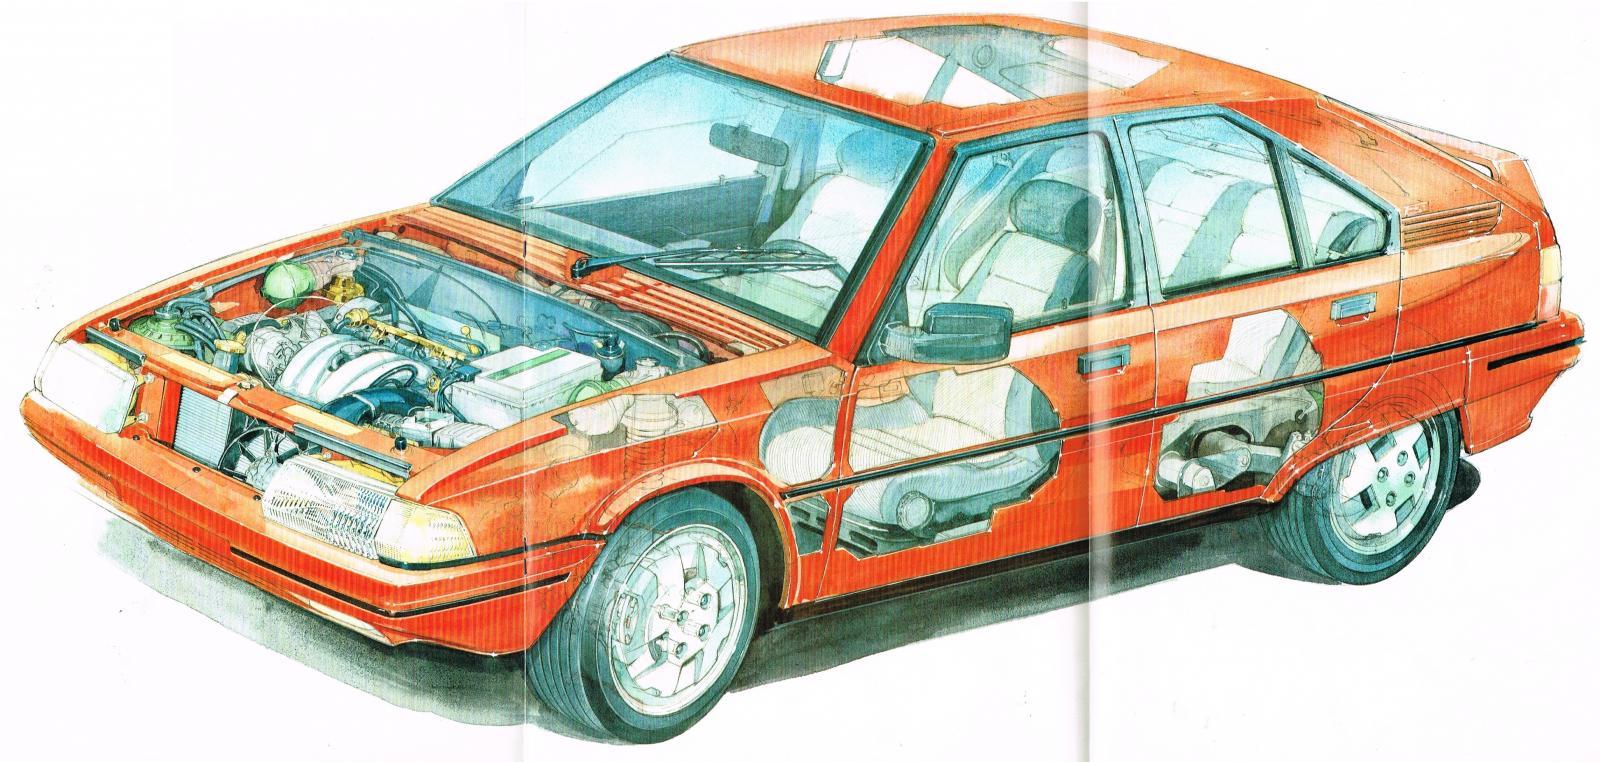 Citroen BX July 1986 brochure 23-25 BX19 GTi.jpg